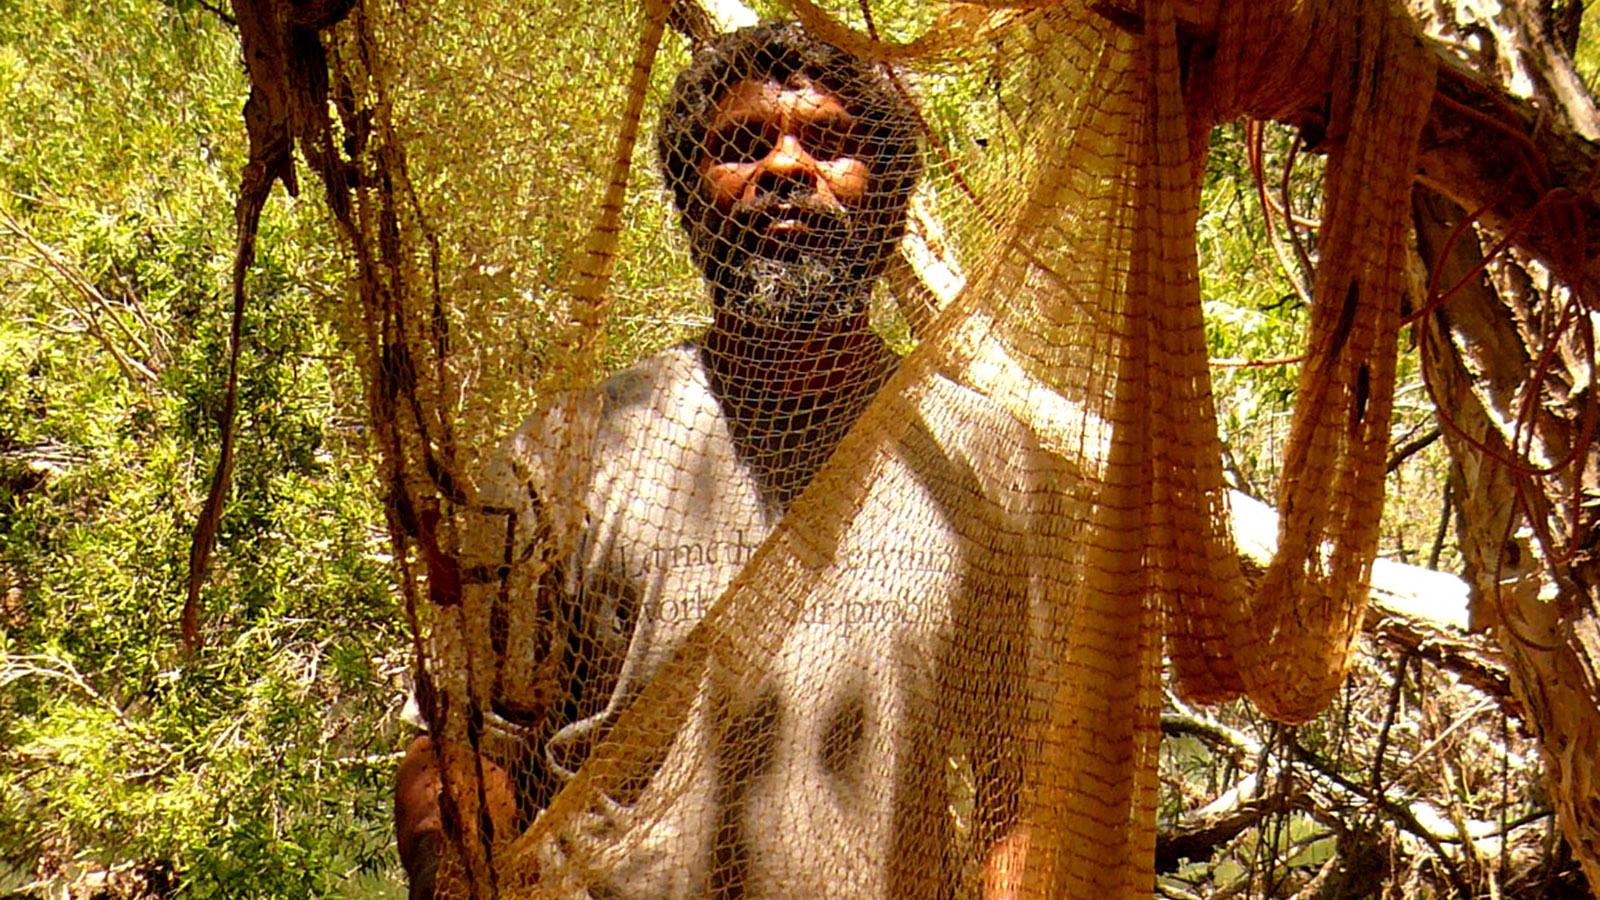 Mudcrabbing & mehr: Neville Poelina zeigt in den Kimberley, wie dort die Aborigines fischen. Foto: Tourism Western Australia.